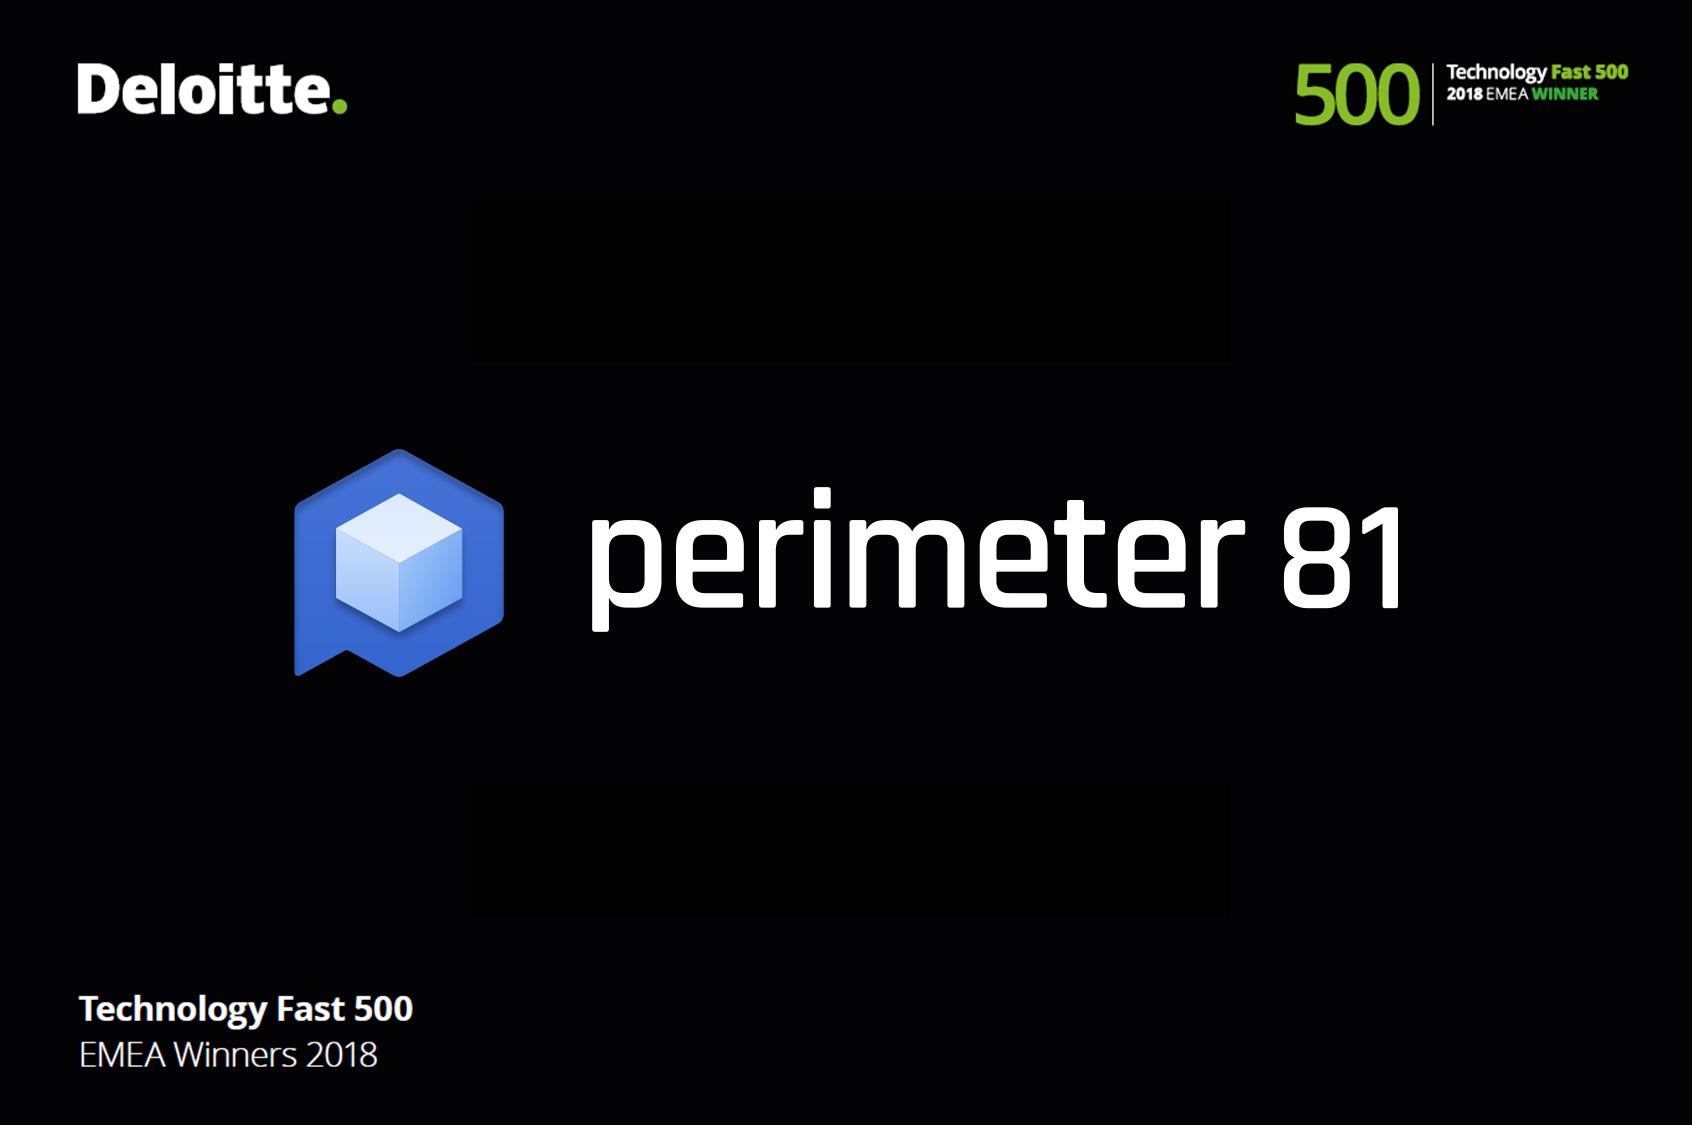 eloitte Technology Fast 500